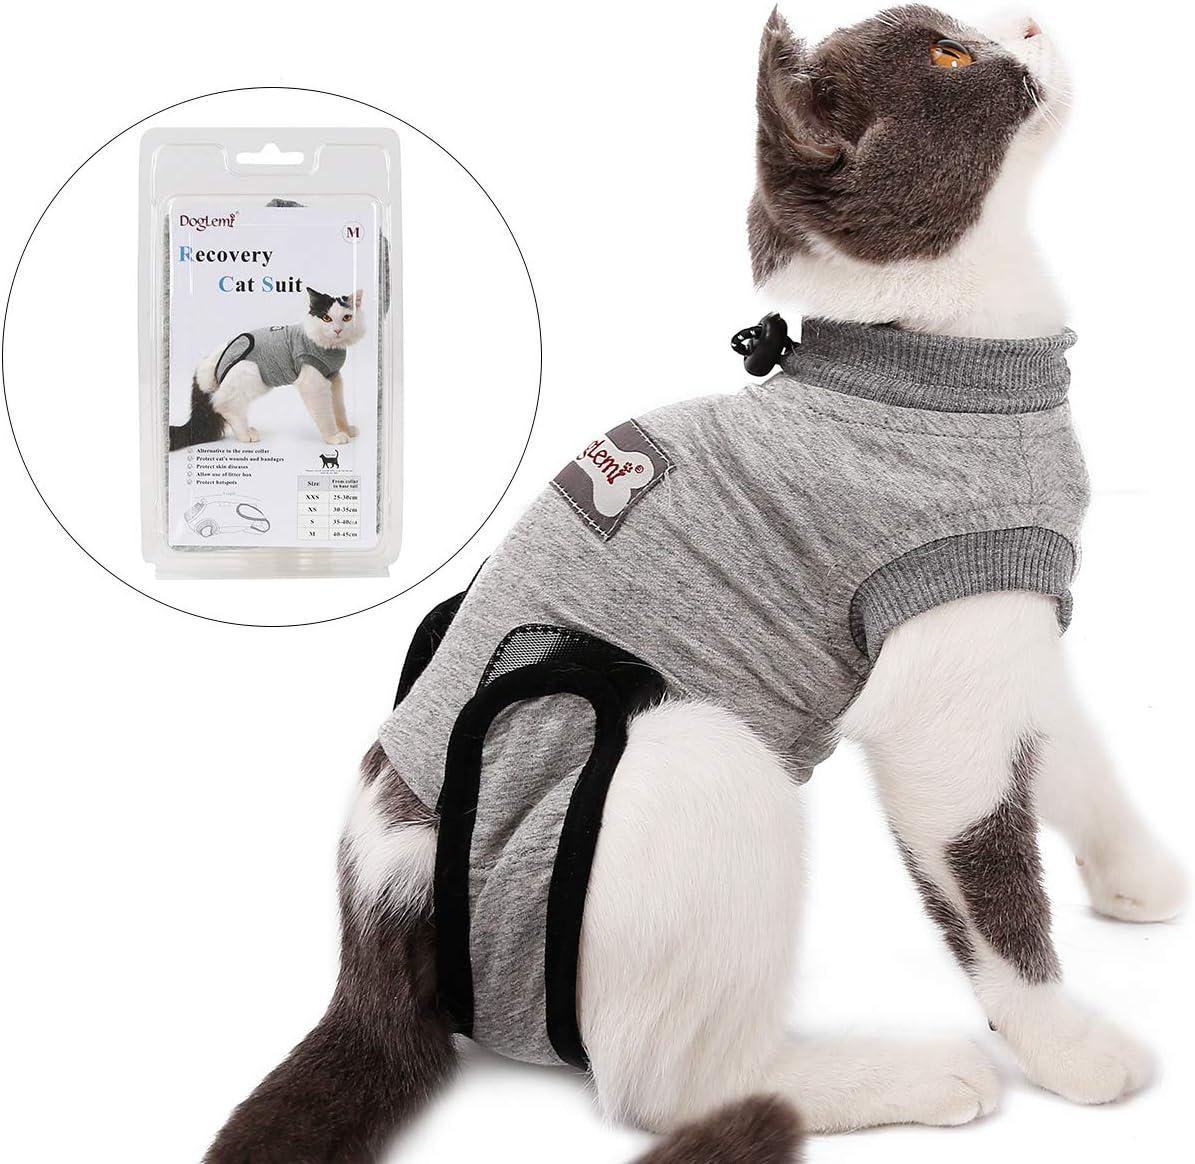 Tineer Traje de recuperación Mascota, Gato esterilización Cuidado de algodón Transpirable Use destete Prevenir Lick para Abdominales Enfermedades Heridas de la Piel después de la cirugía (S)